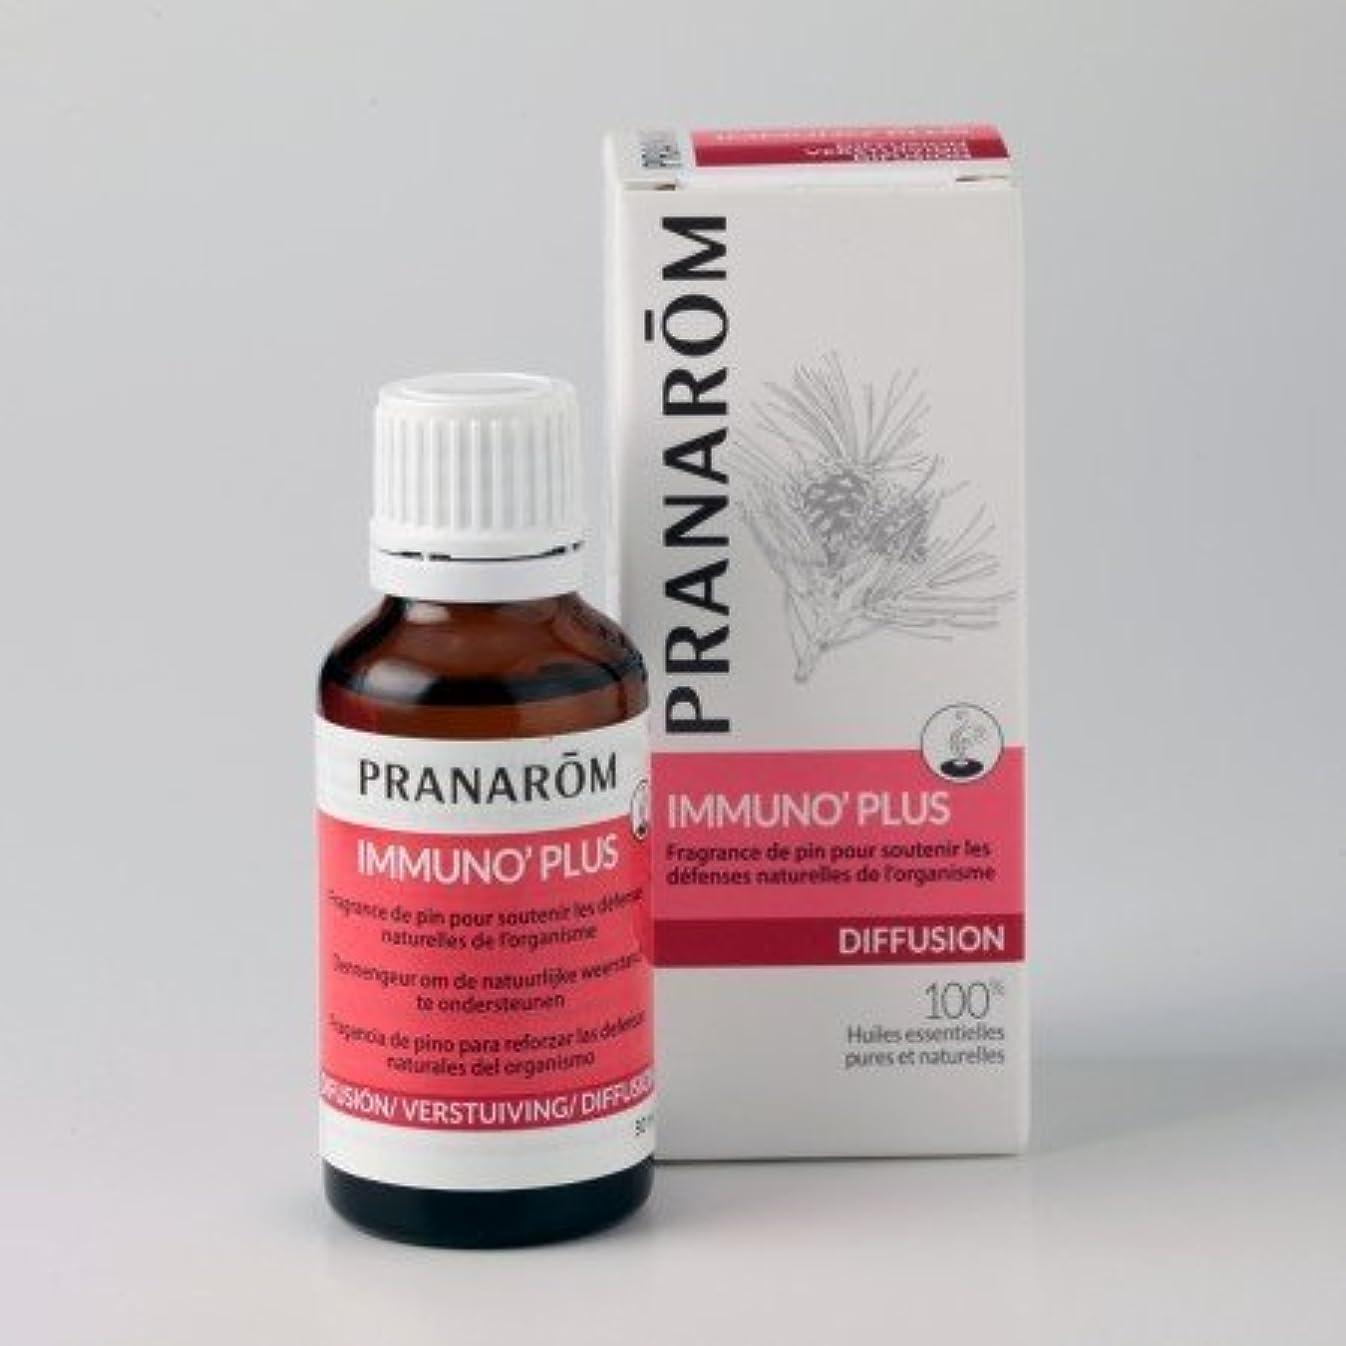 刺すカメ女優プラナロム (PRANAROM) ルームコロン パワーアップ&チアアップ イミュノプラス 30ml 02589 エアフレッシュナー (芳香剤)